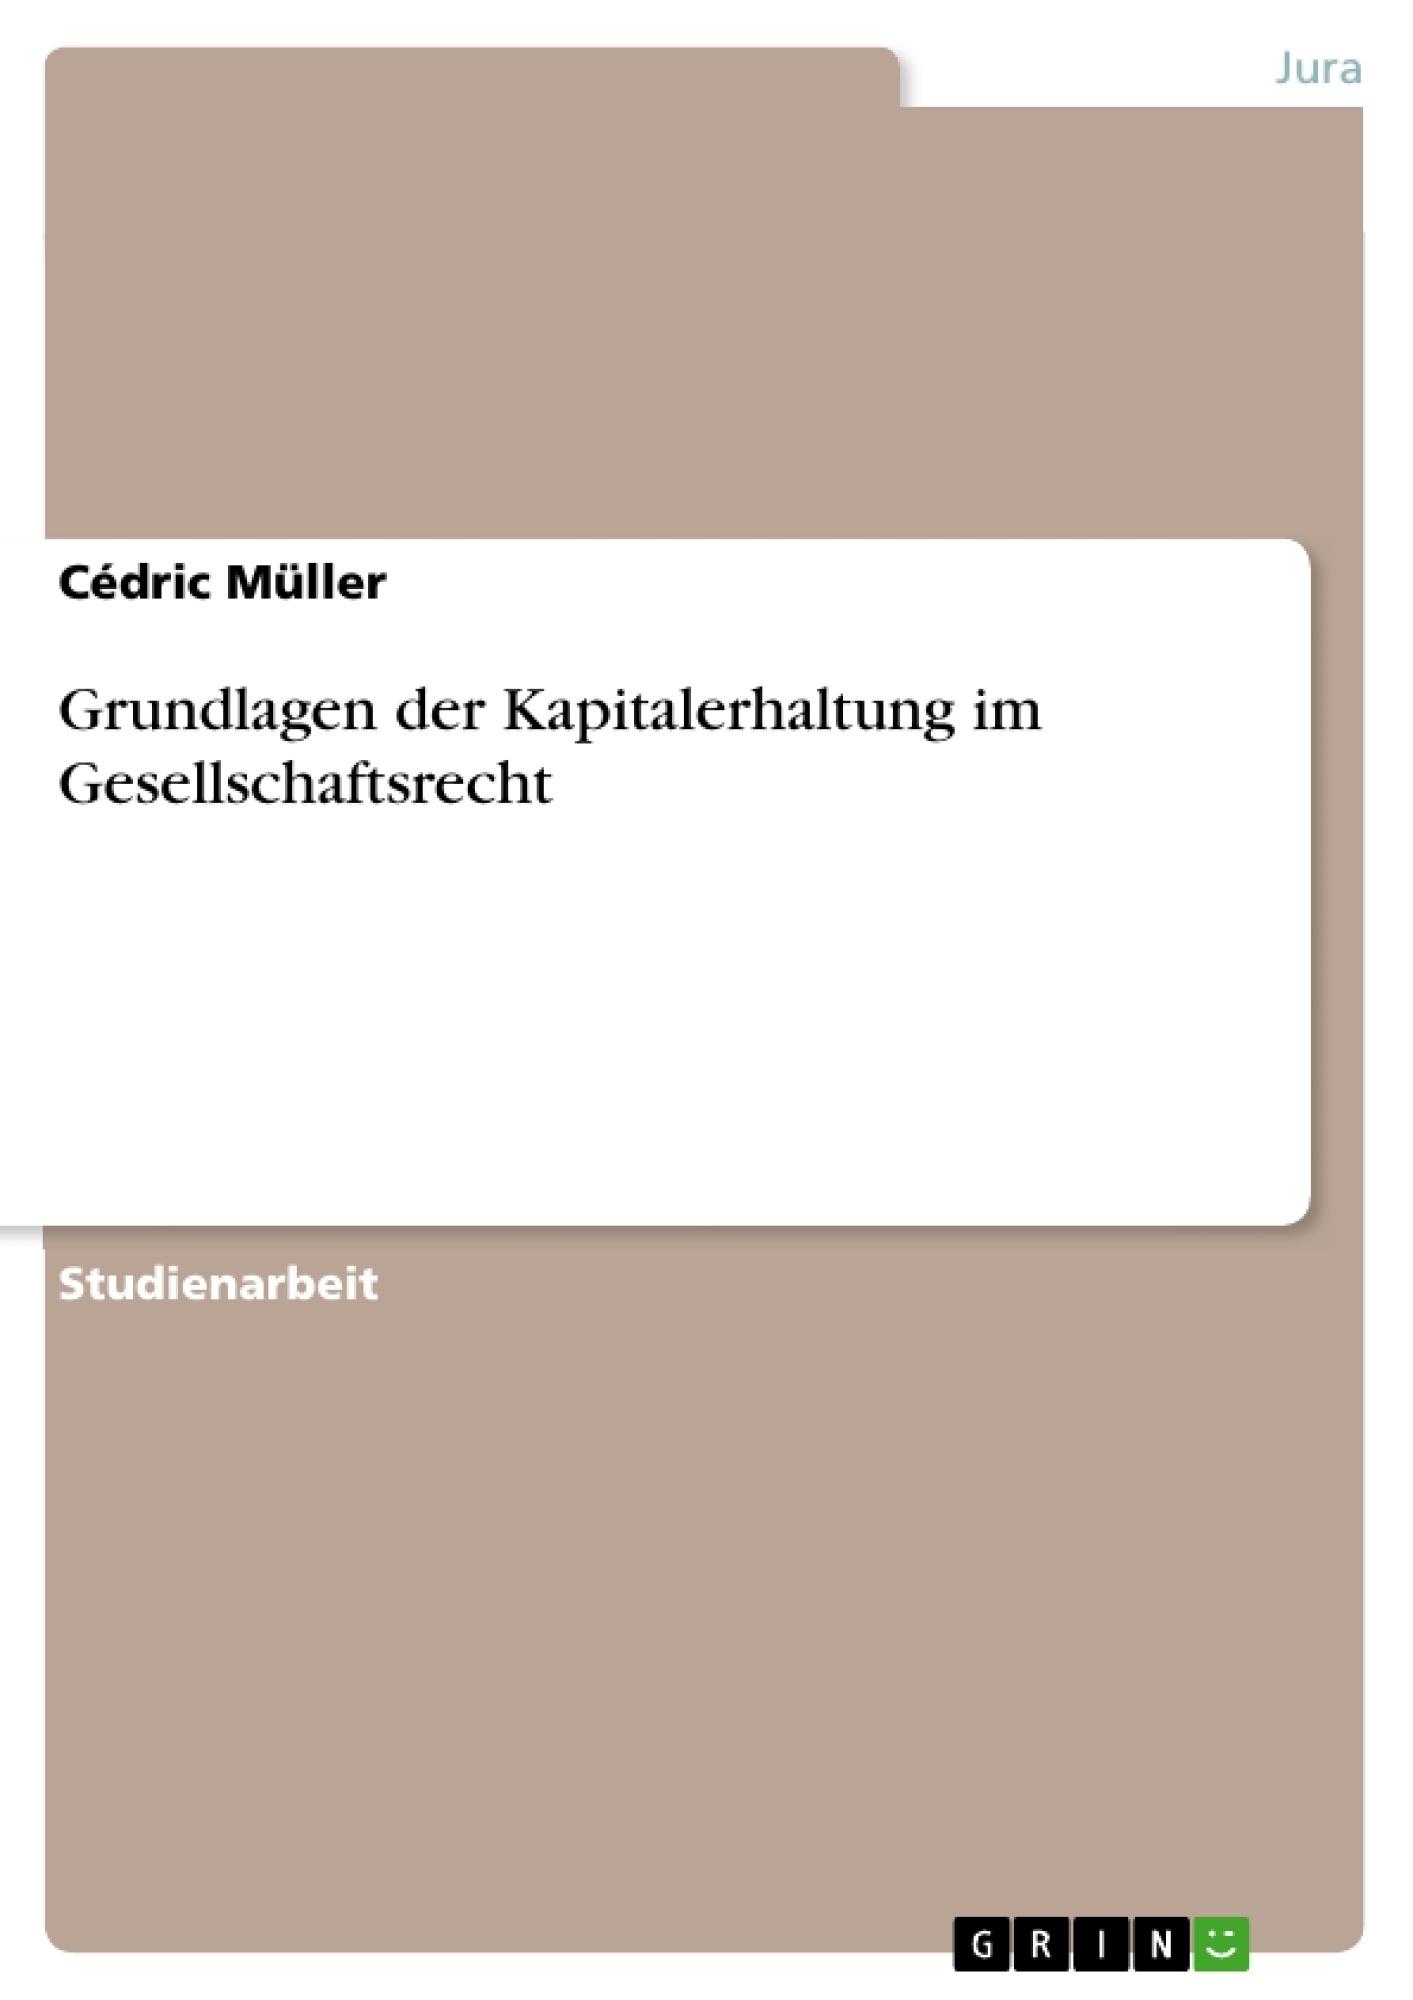 Titel: Grundlagen der Kapitalerhaltung im Gesellschaftsrecht